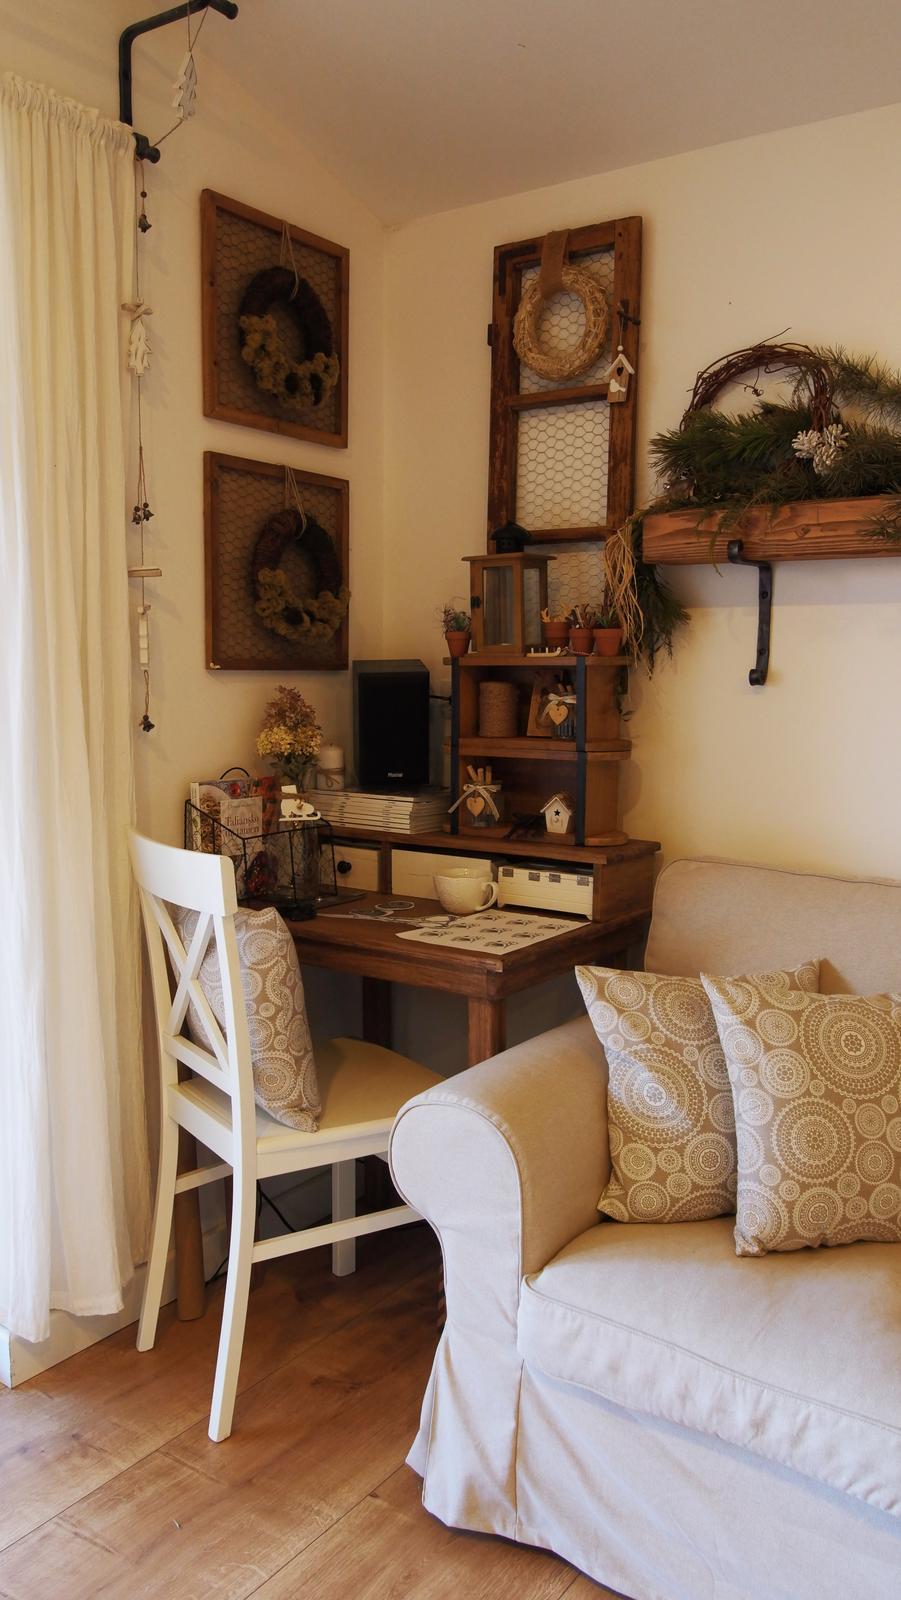 Náš domček ♡ Bramasole ♡ ... Stilo interiér aj exteriér 4. rok bývania